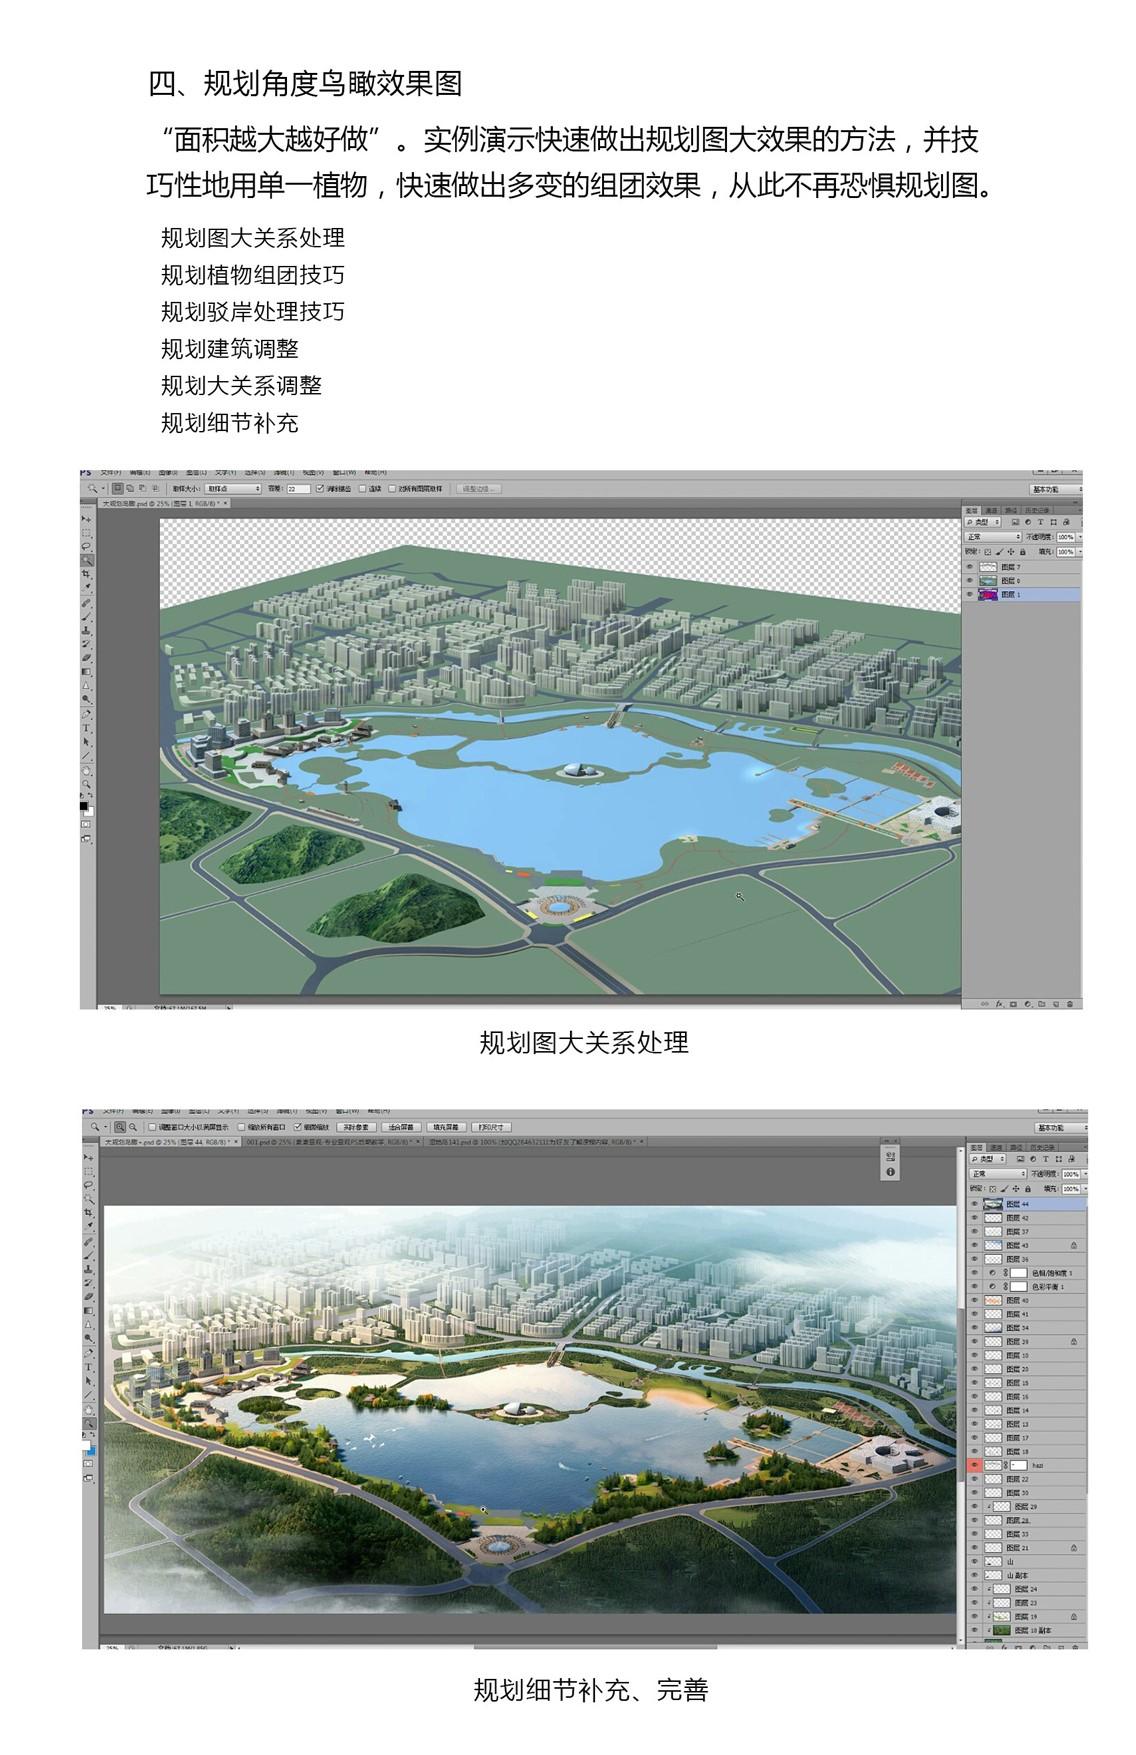 规划角度,鸟瞰效果图,Photoshop景观效果图,景观效果图表现,ps景观效果图